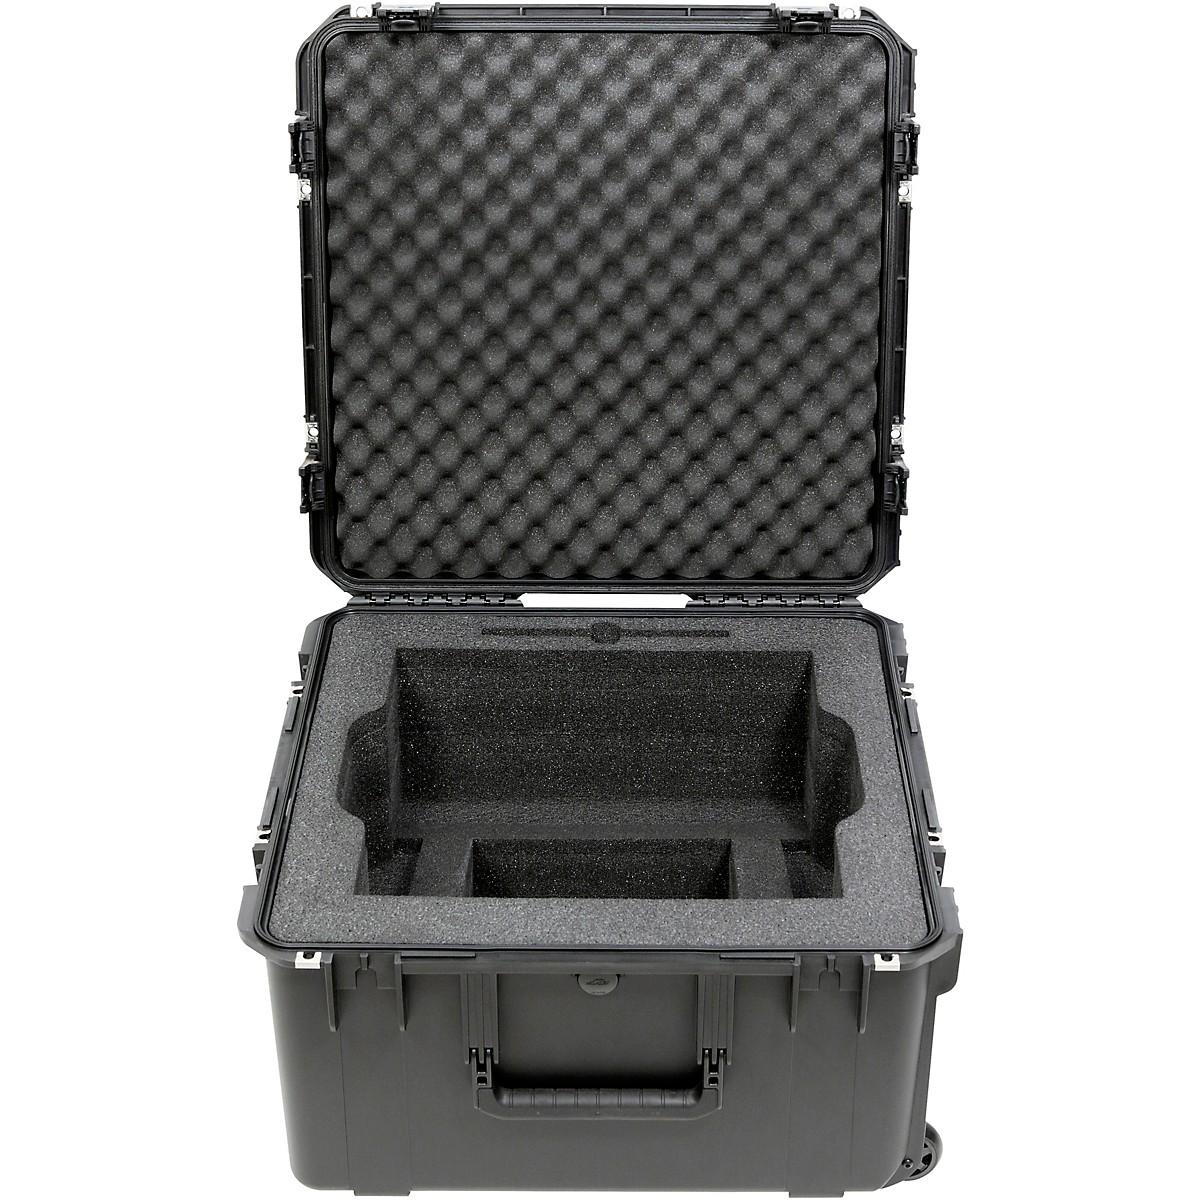 SKB 3i2222-12QSC iSeries Mixer Case for QSC TouchMix-30 Pro